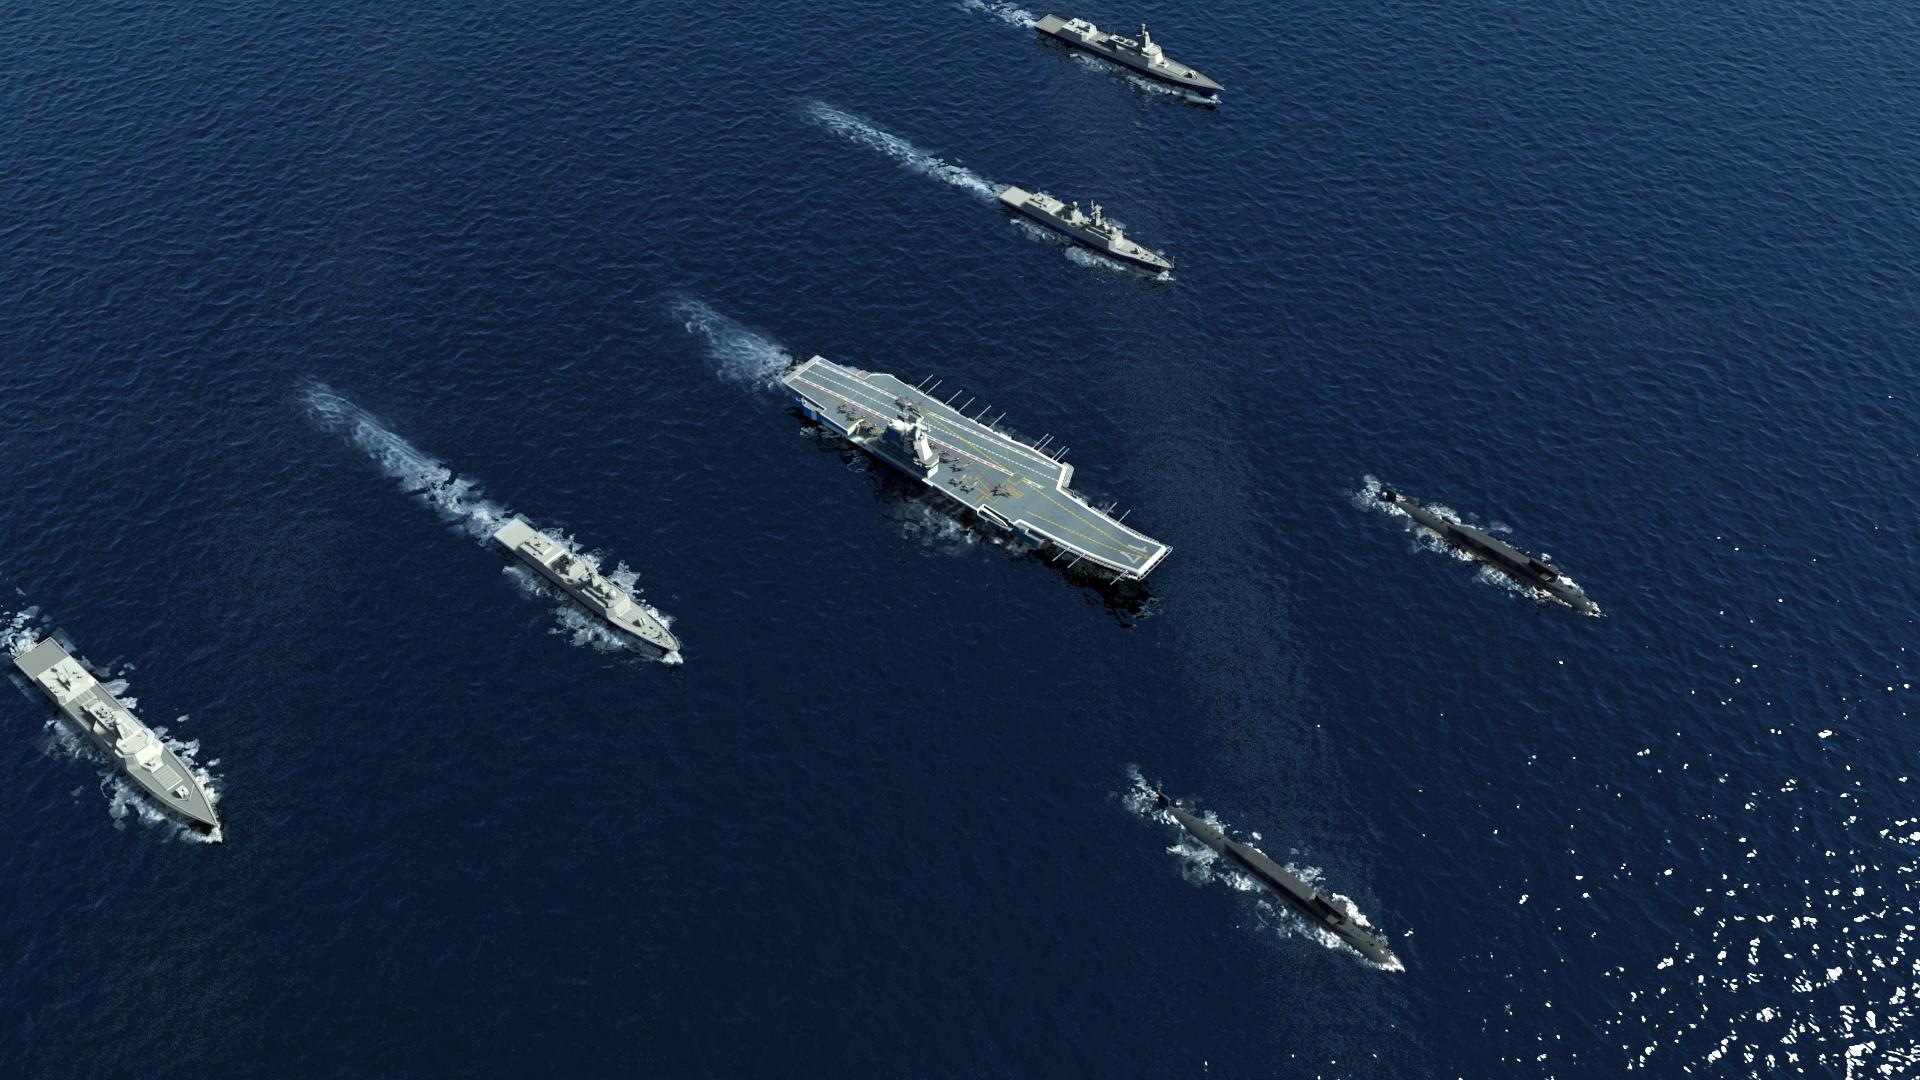 俄专家称中美航母对决,中国有高超音速武器也会输,美军凭什么?